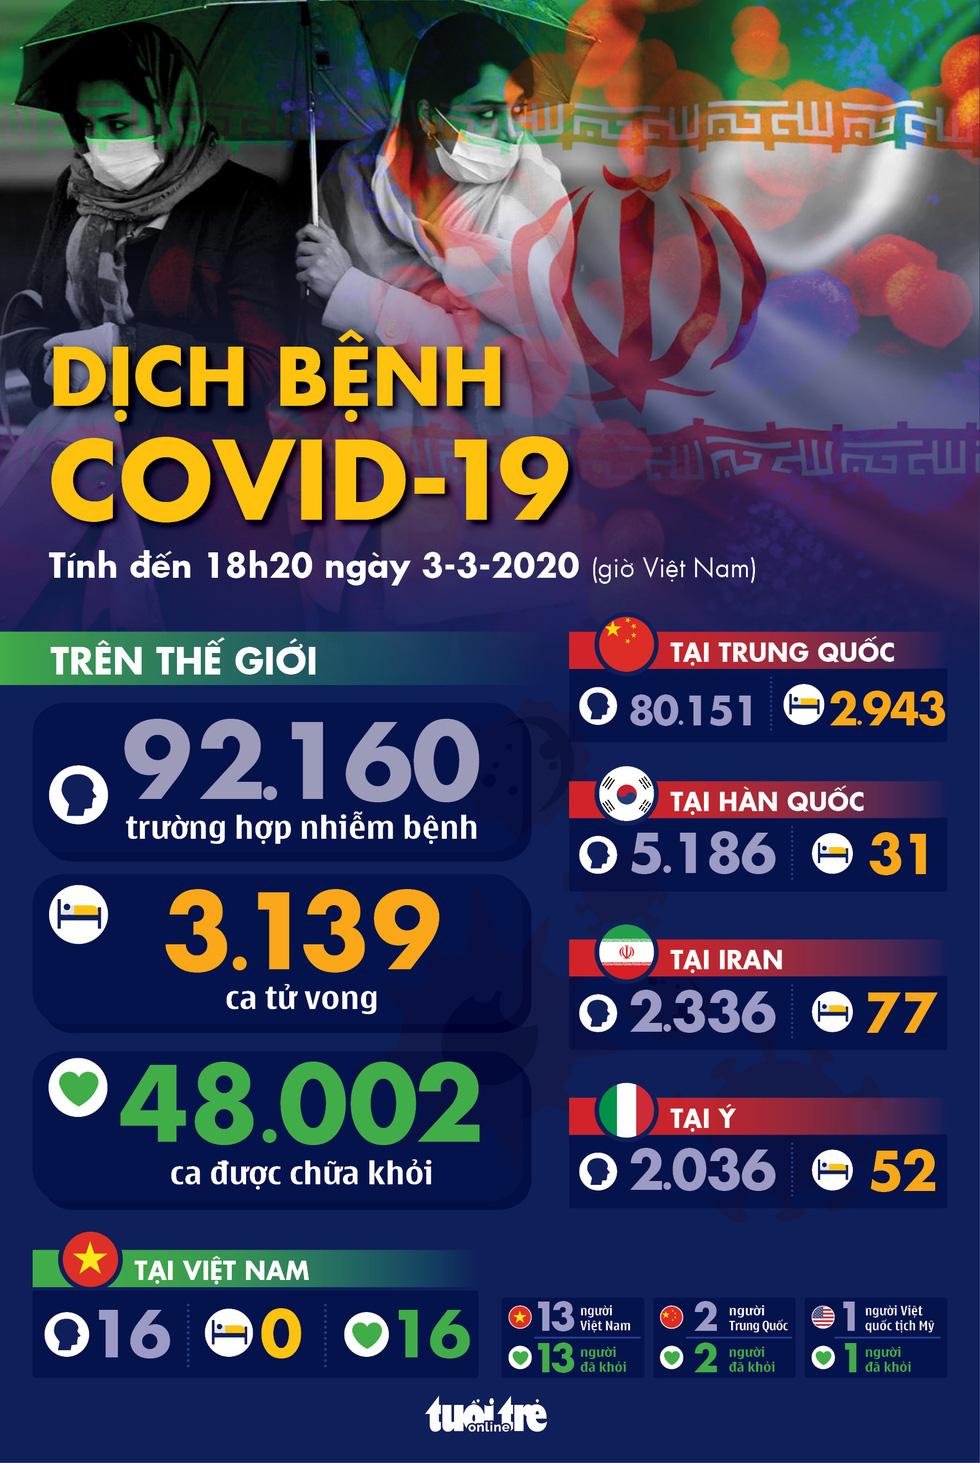 Dịch COVID-19 ngày 3-3: Iran một ngày tăng hơn 800 ca nhiễm, đã có 77 người chết - Ảnh 1.